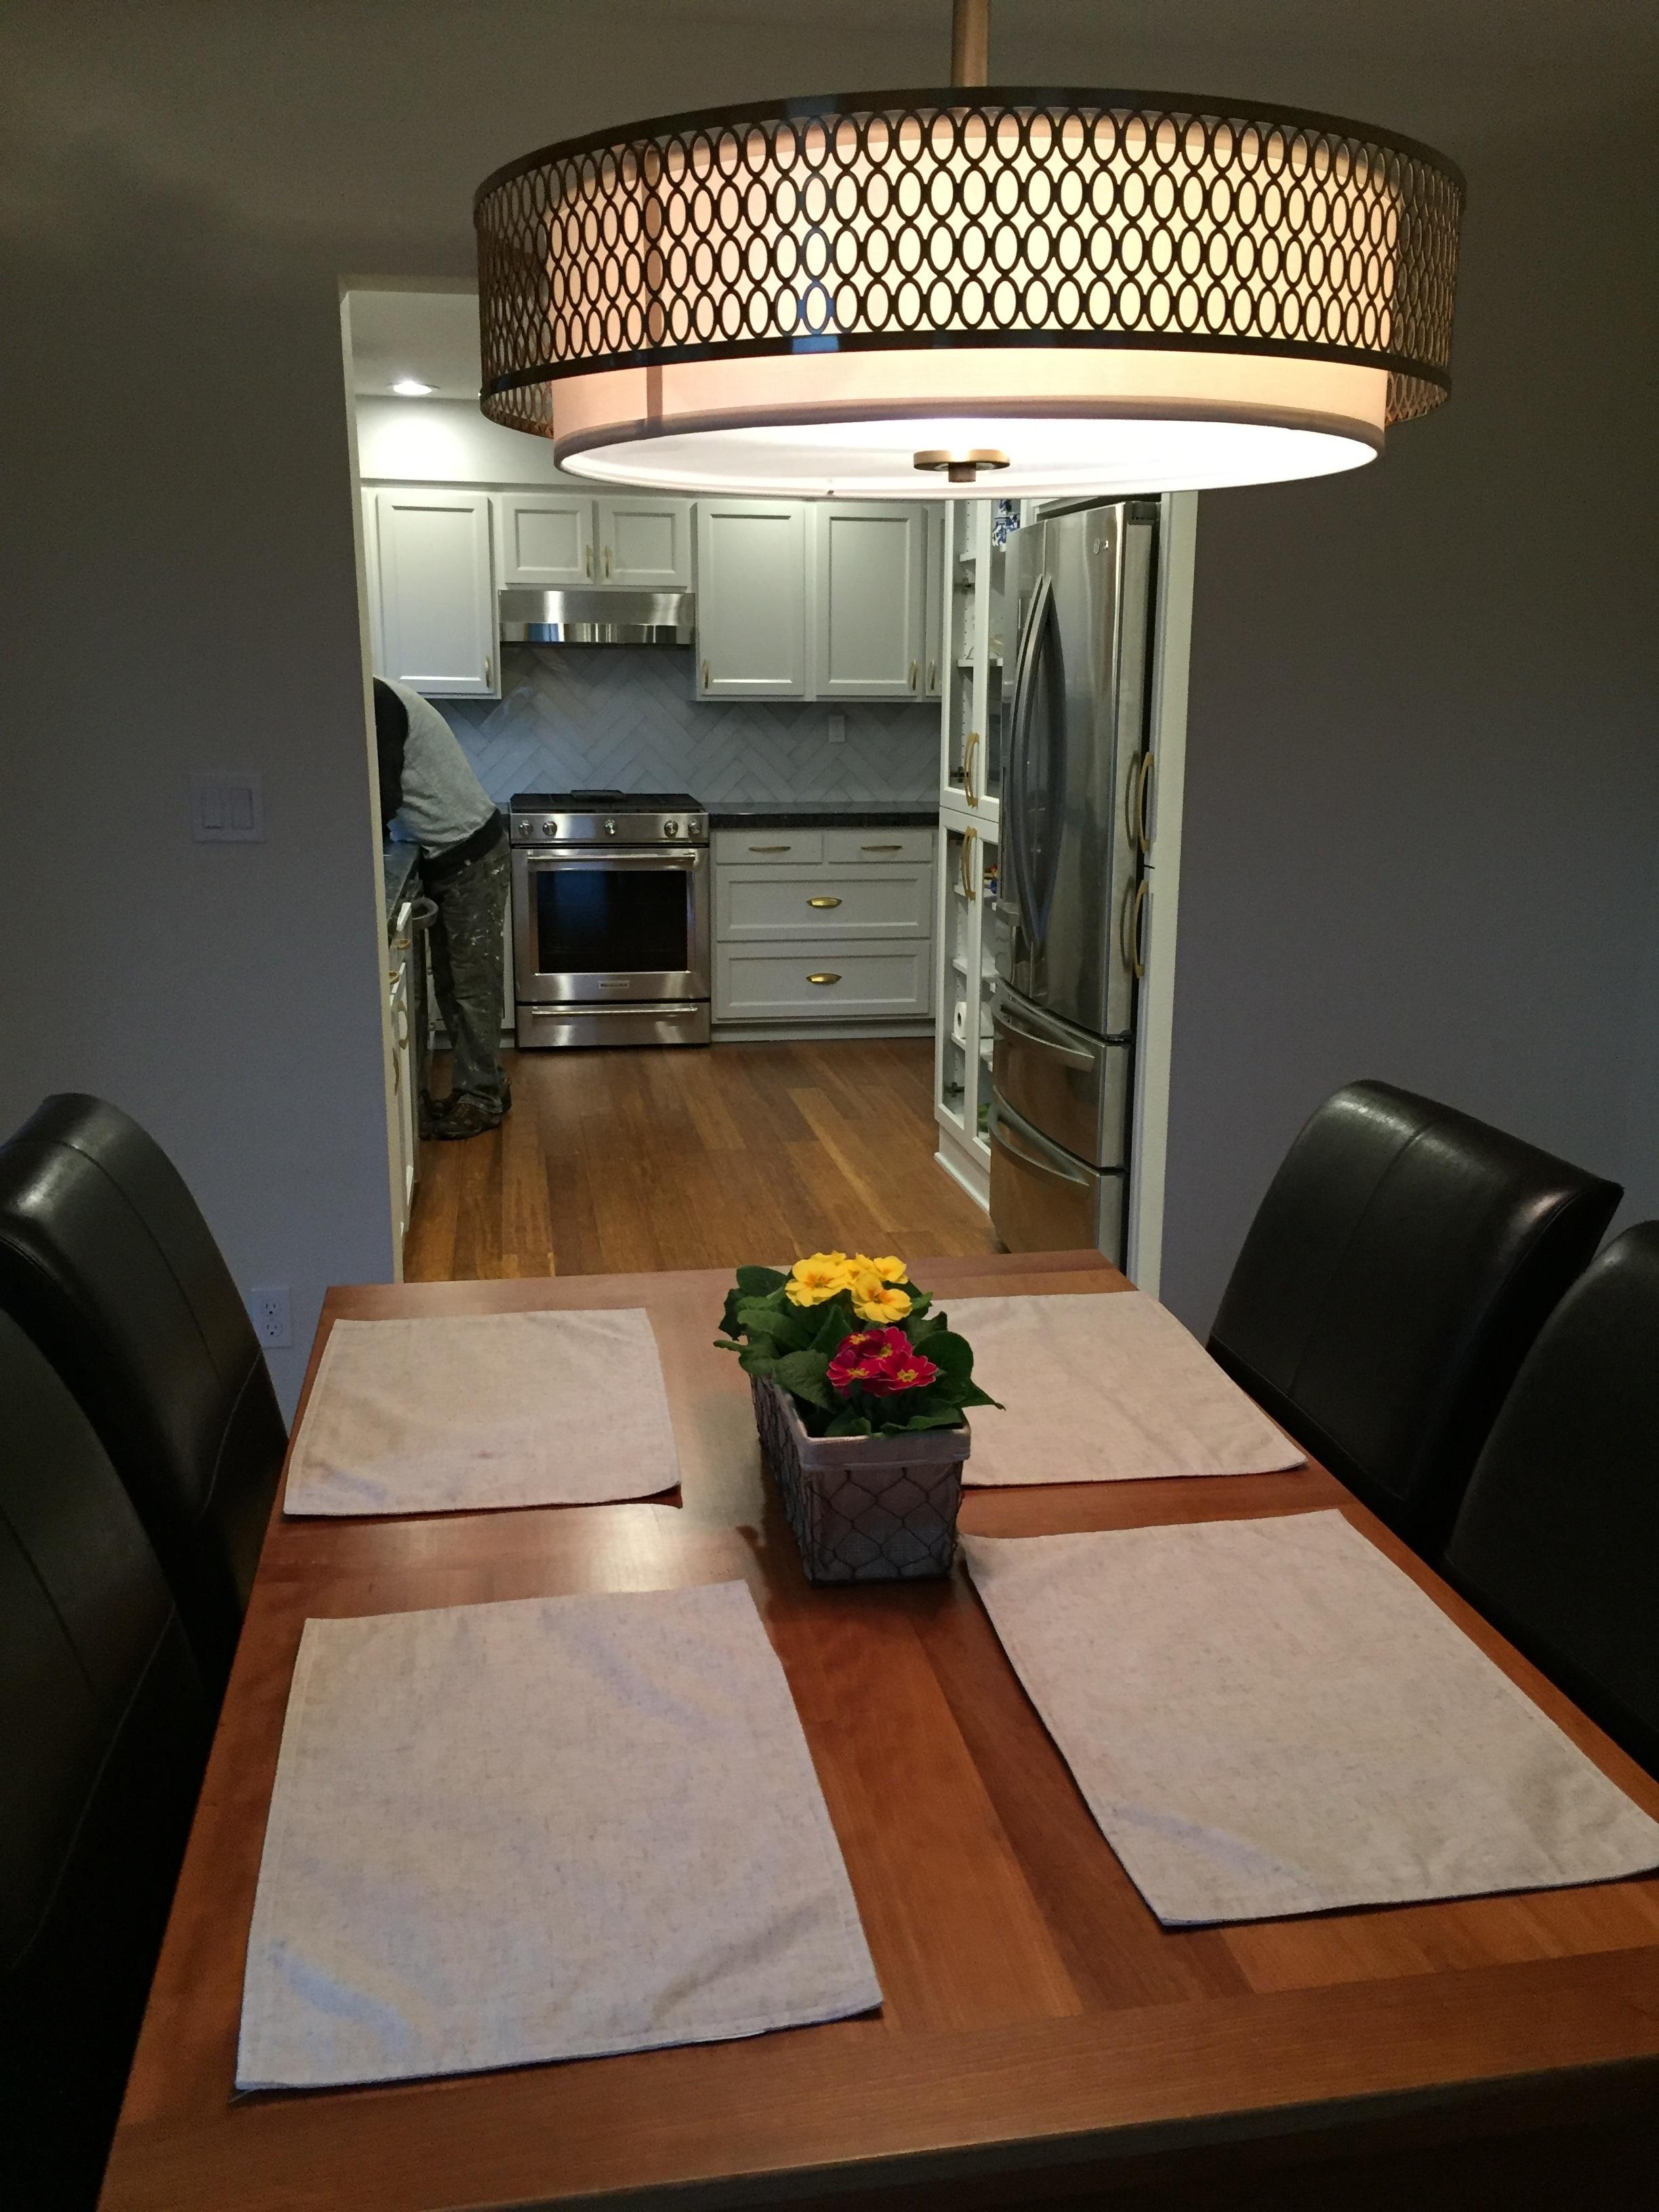 Kitchen Remodel: After